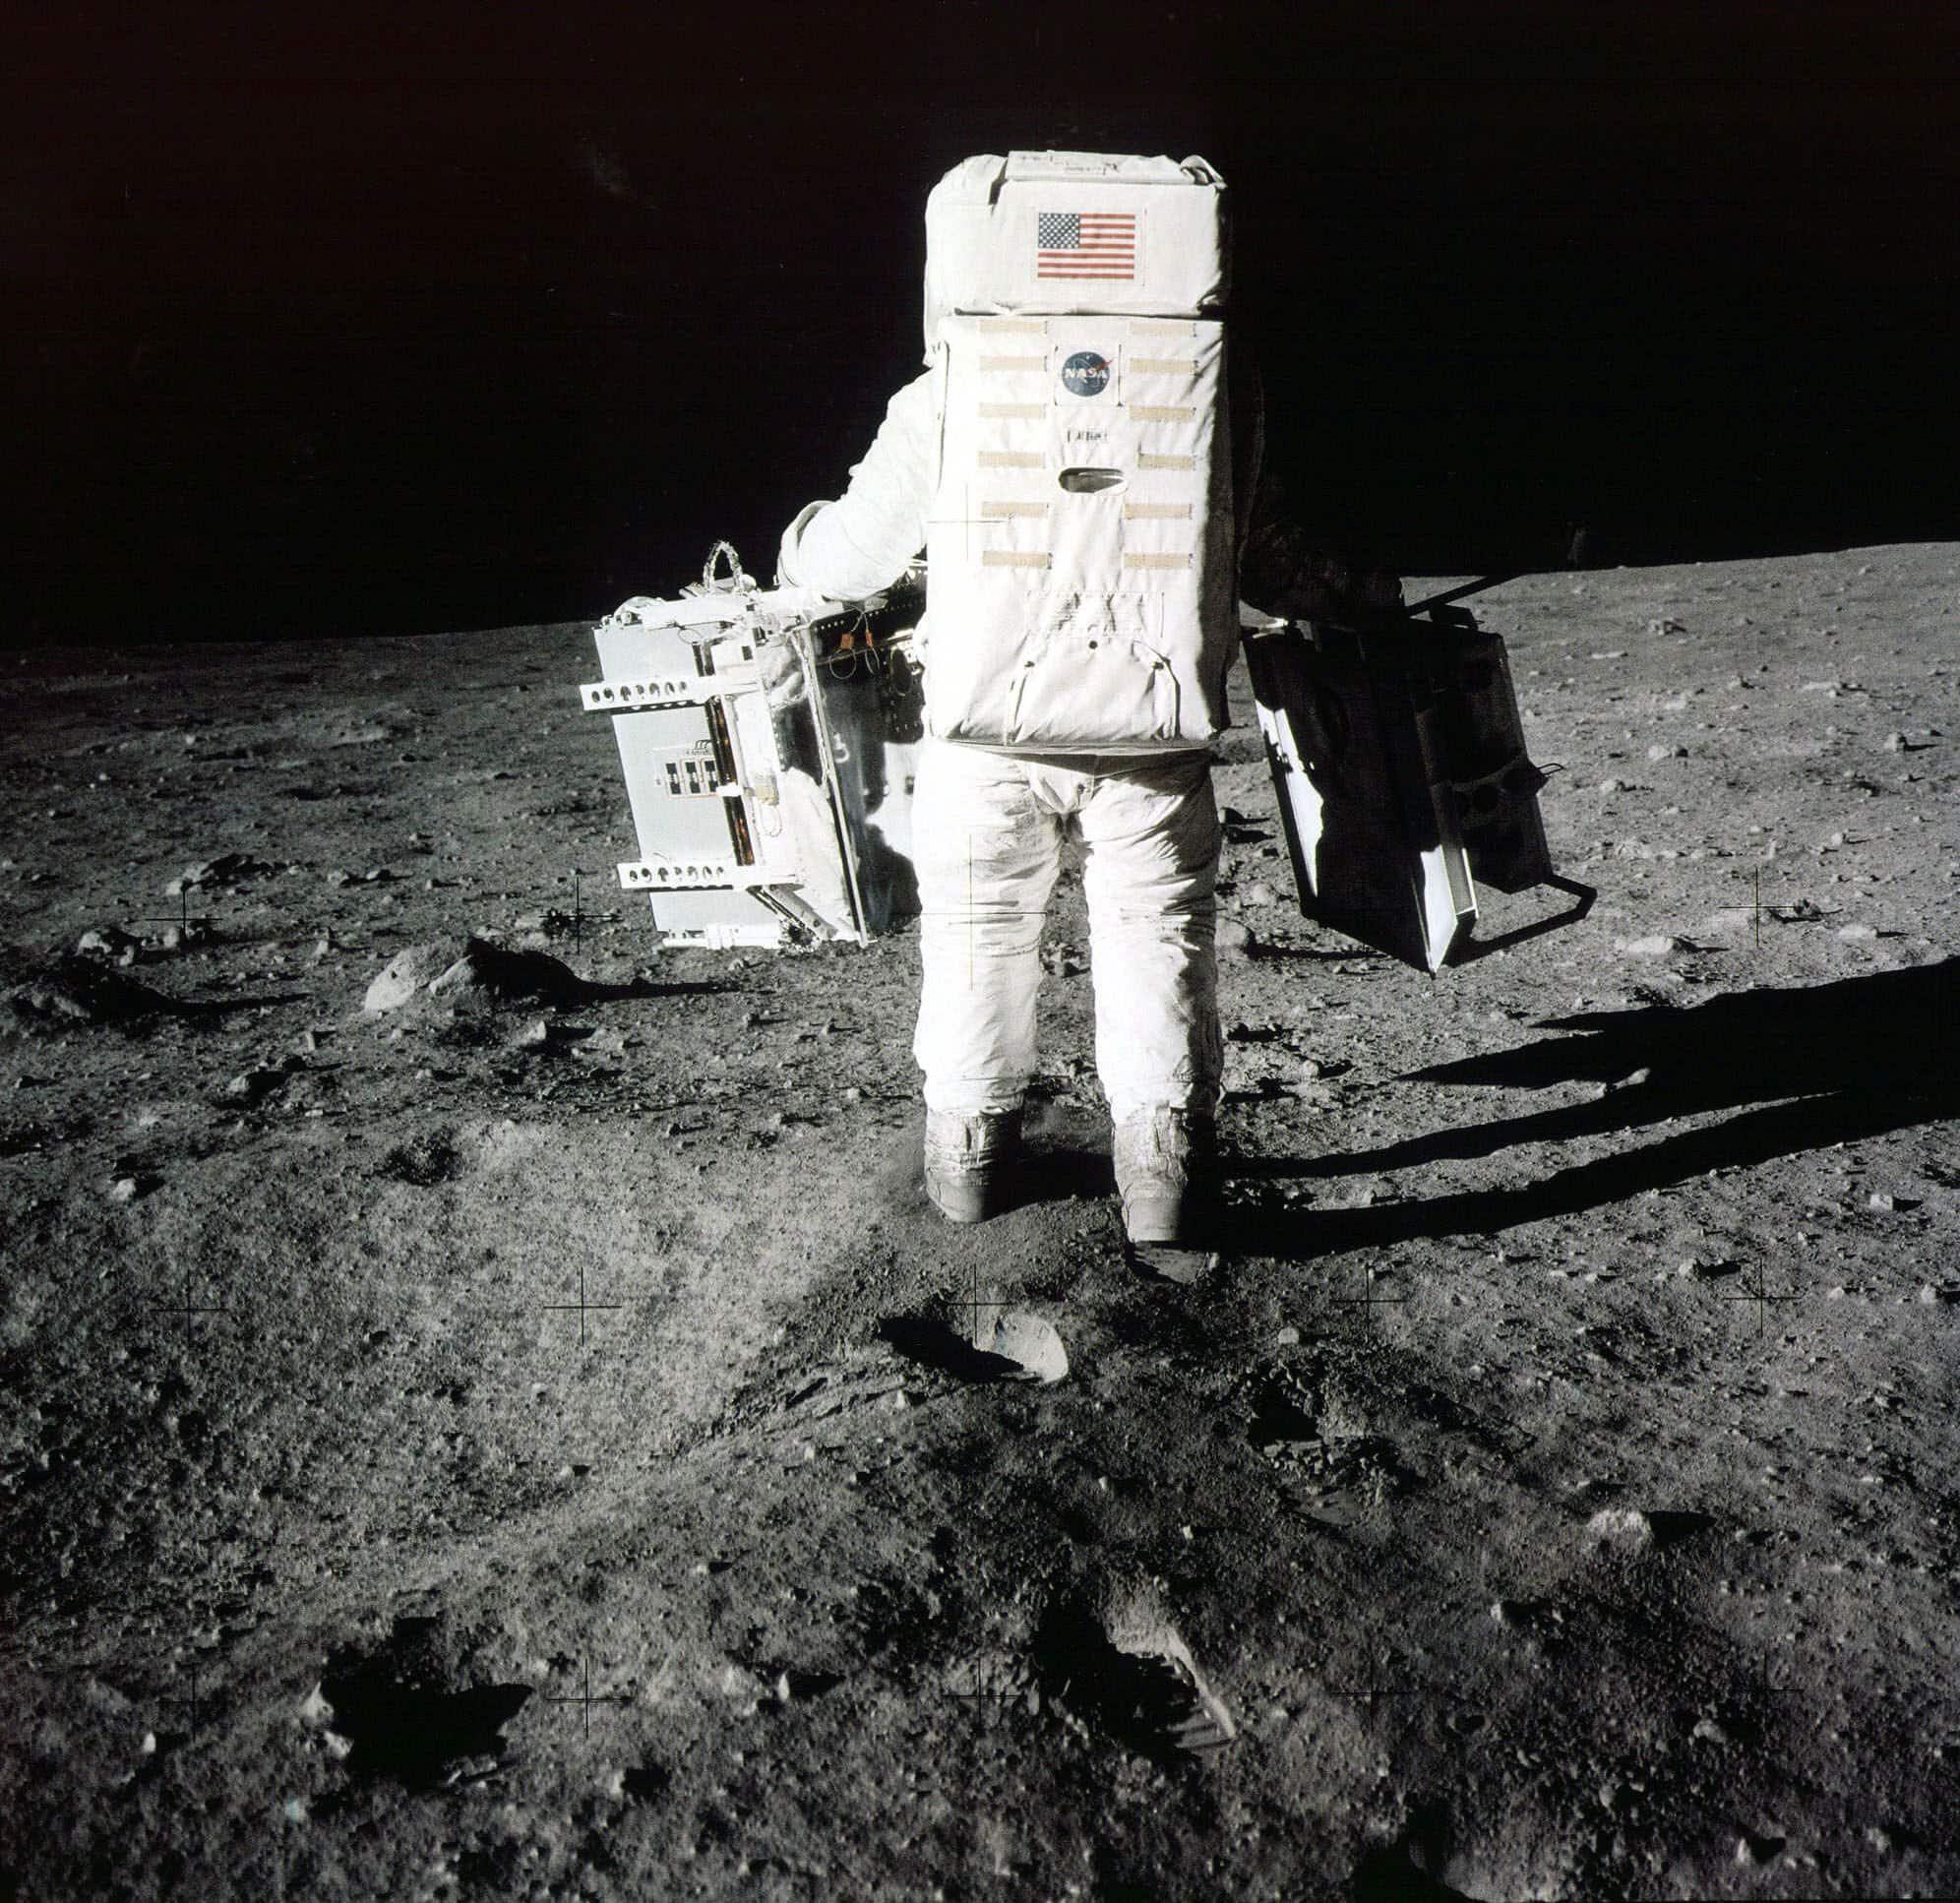 nasa apollo 1969 moon - photo #12